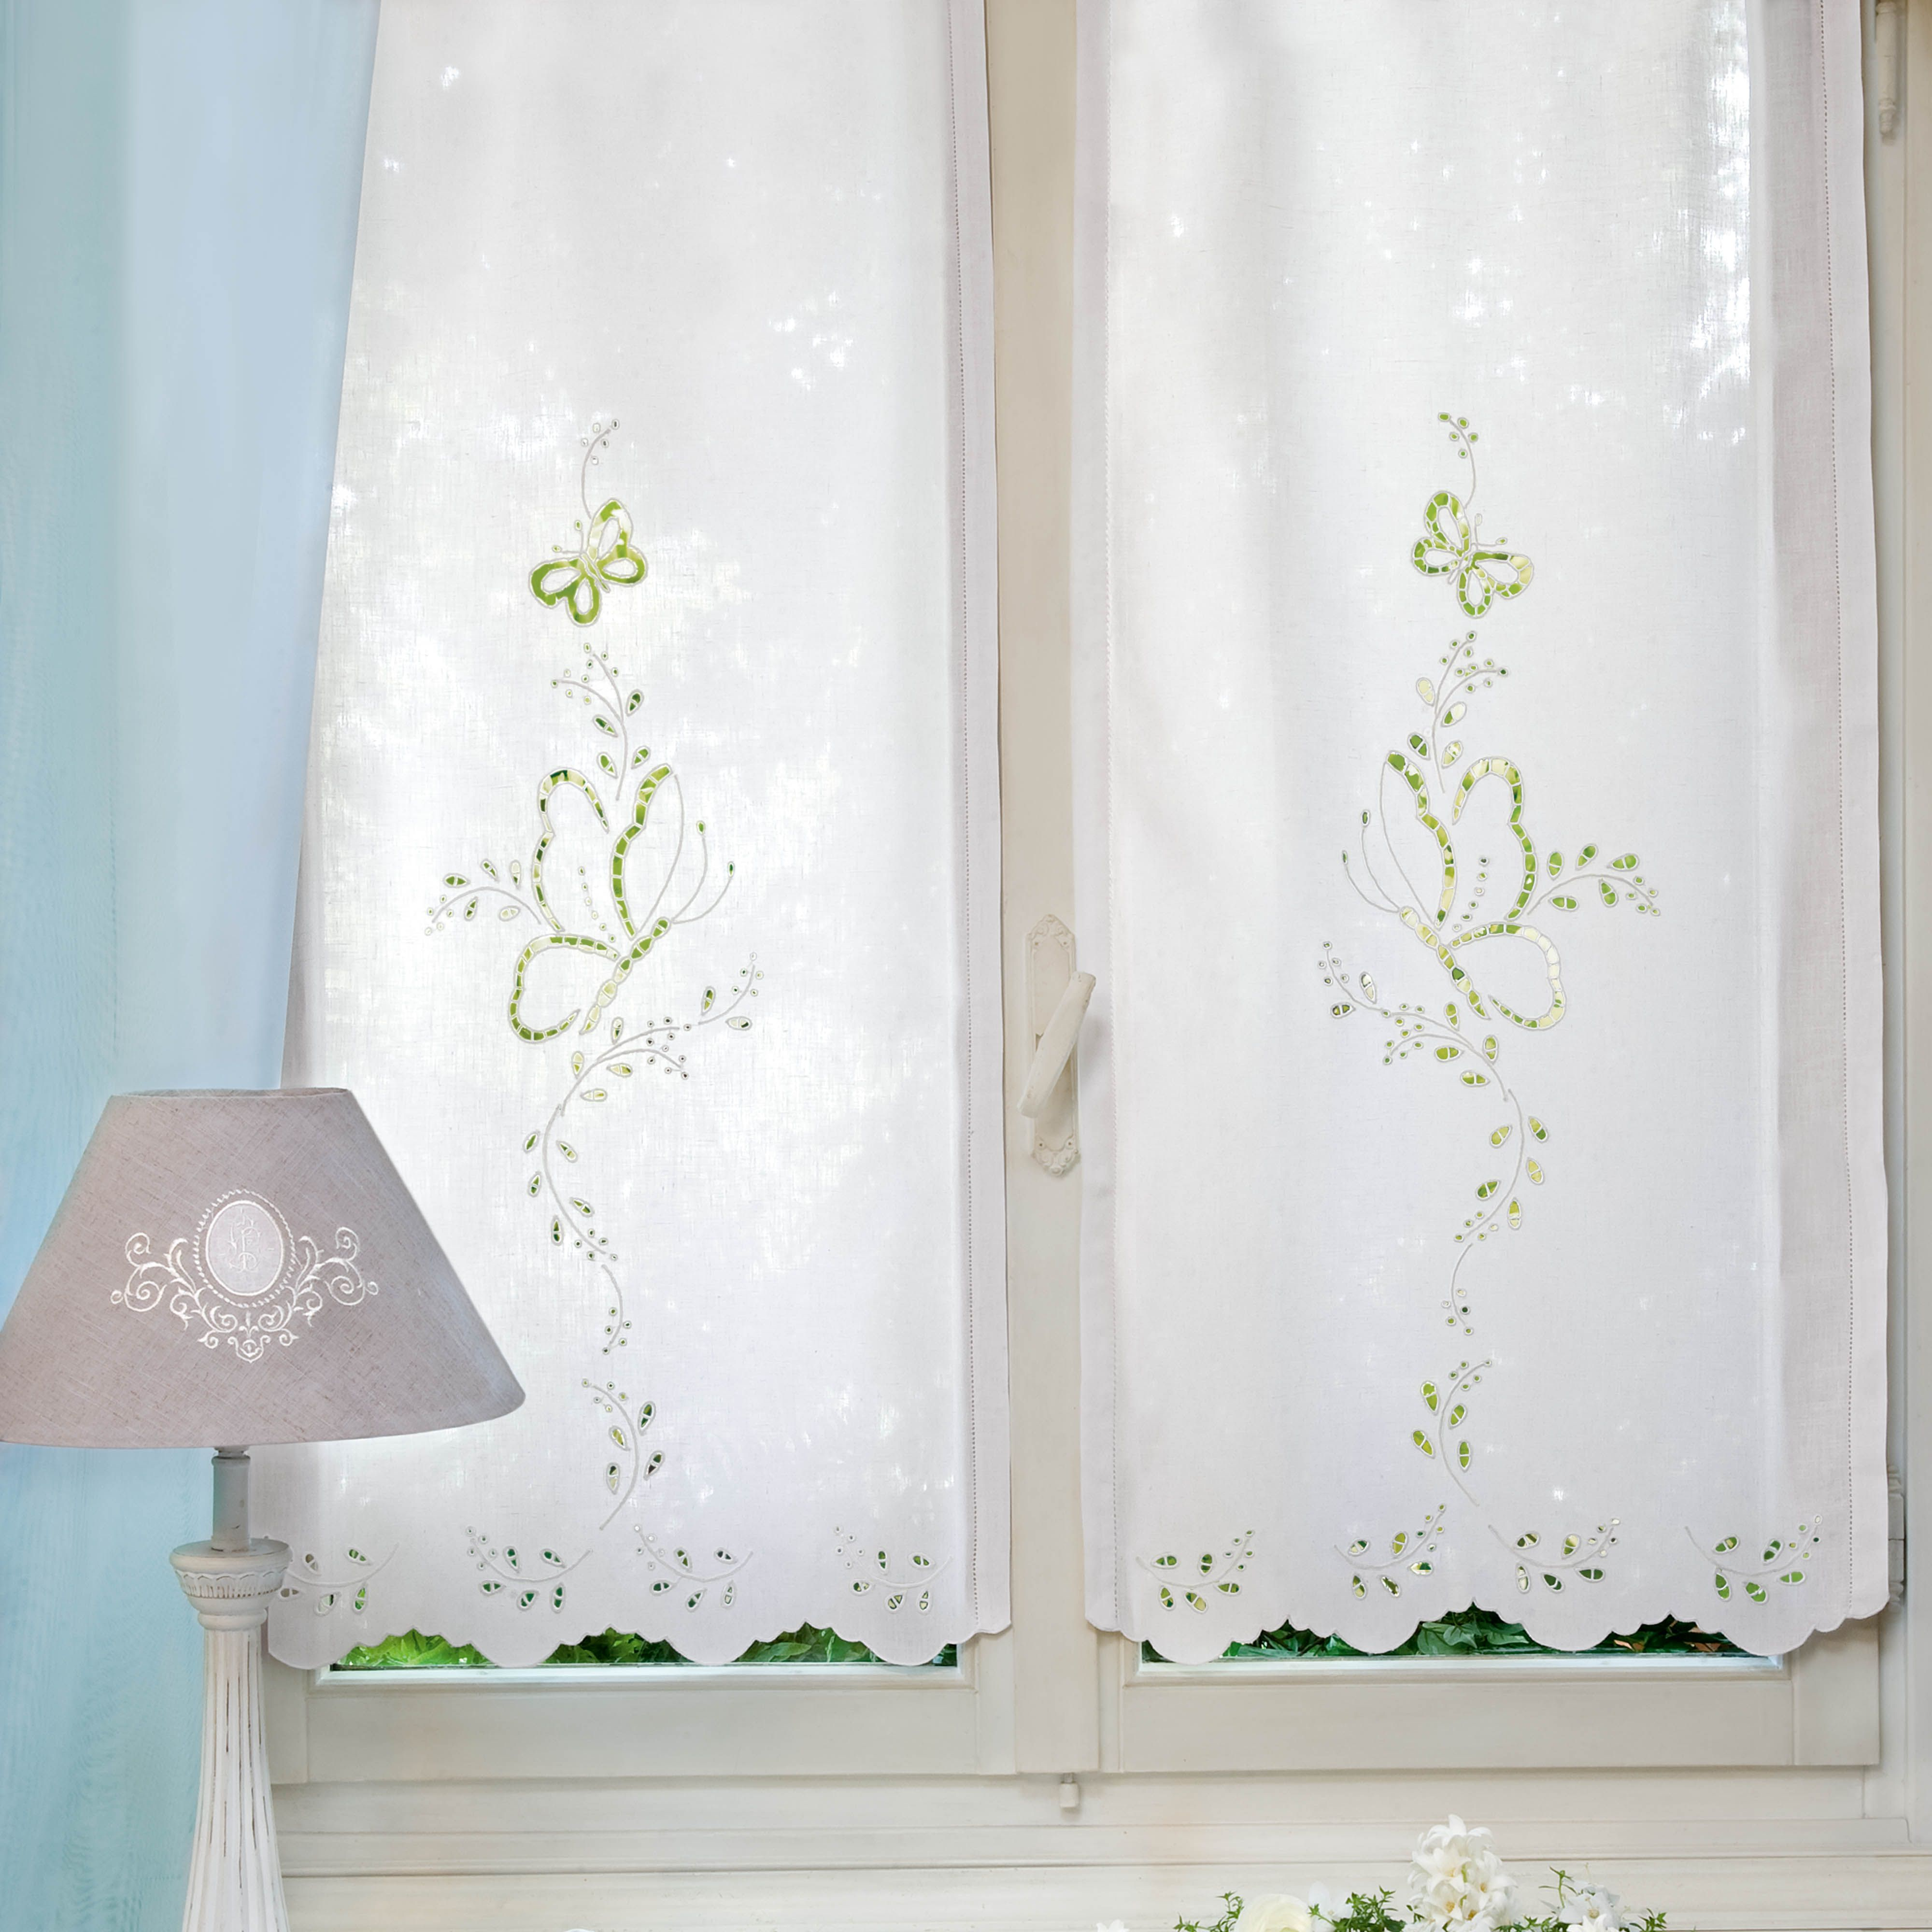 Misto lino disegnato per tende ricamo intaglio decoraci n tende pinterest misto tende - Tendine per cameretta ...